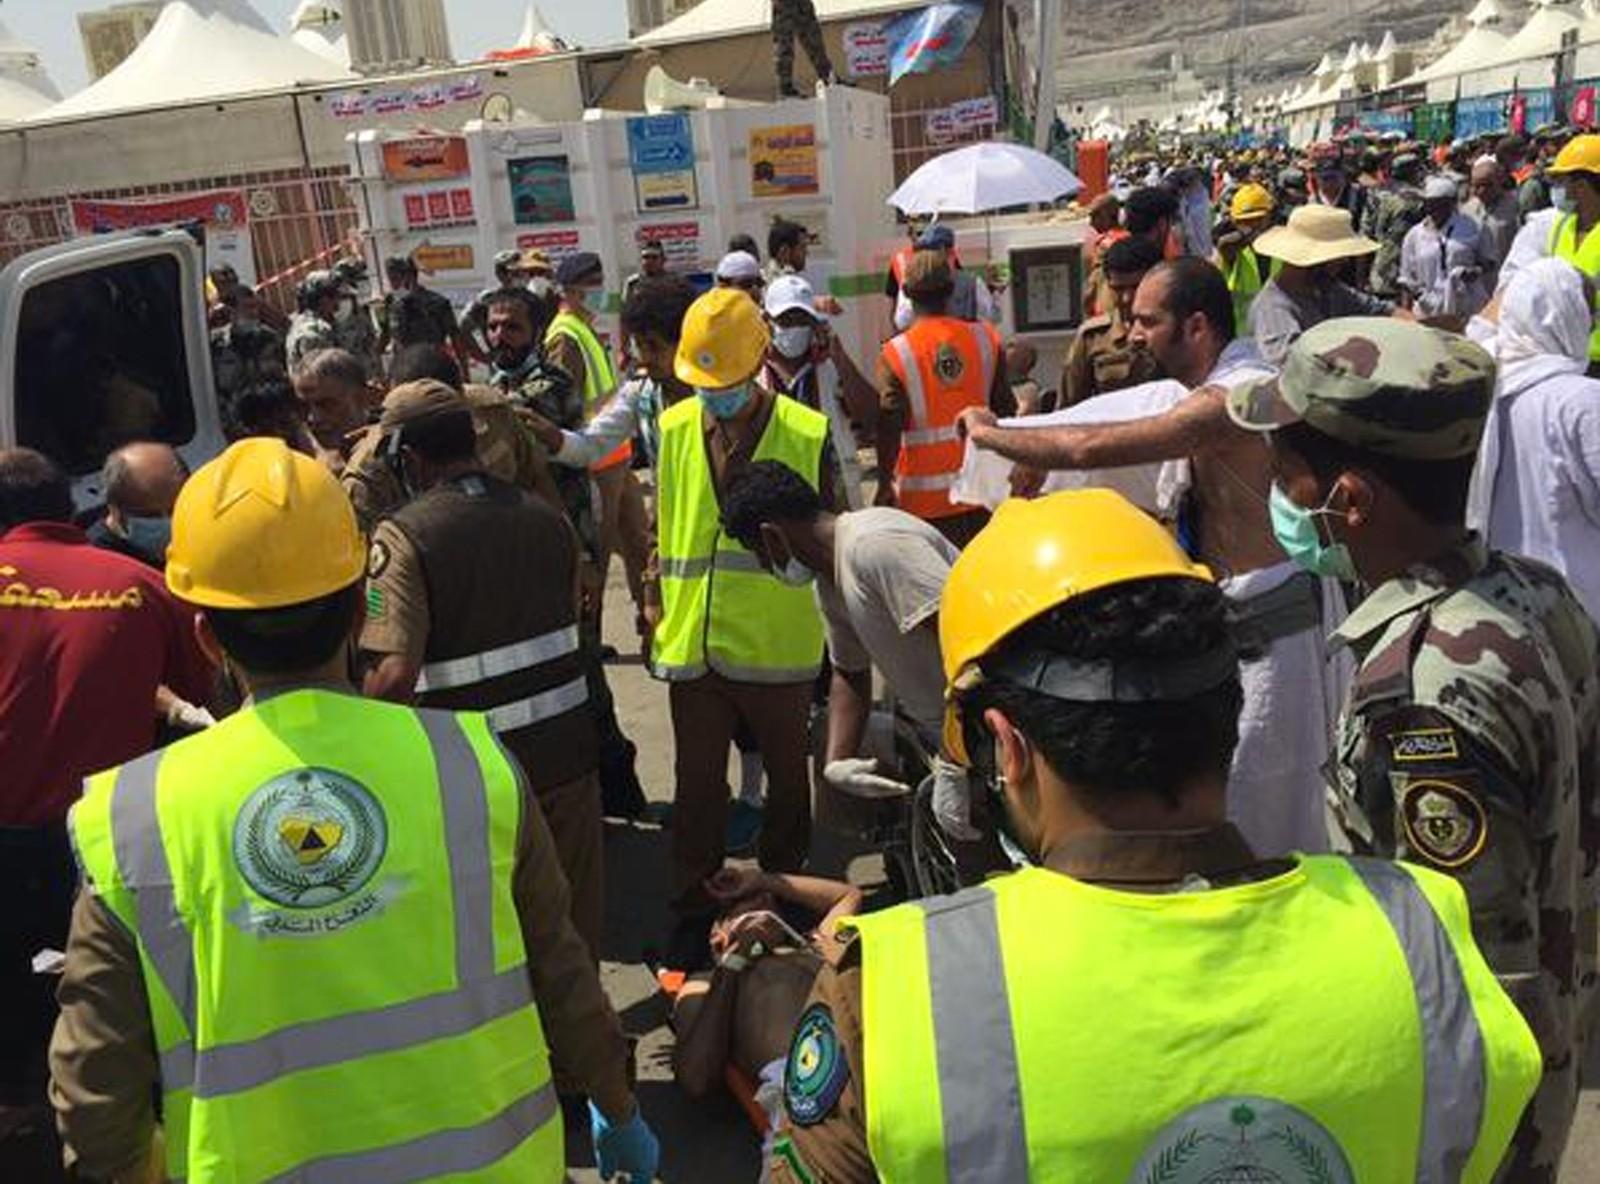 Pilegrimsvandringen til Mekka og Medina er en av verdens største religiøse samlinger. To millioner muslimer fra hele verden samlet seg ved Jabal Rahma, Barmhjertighetens fjell øst for Mekka i Saudi-Arabia, da hajj startet tirsdag.